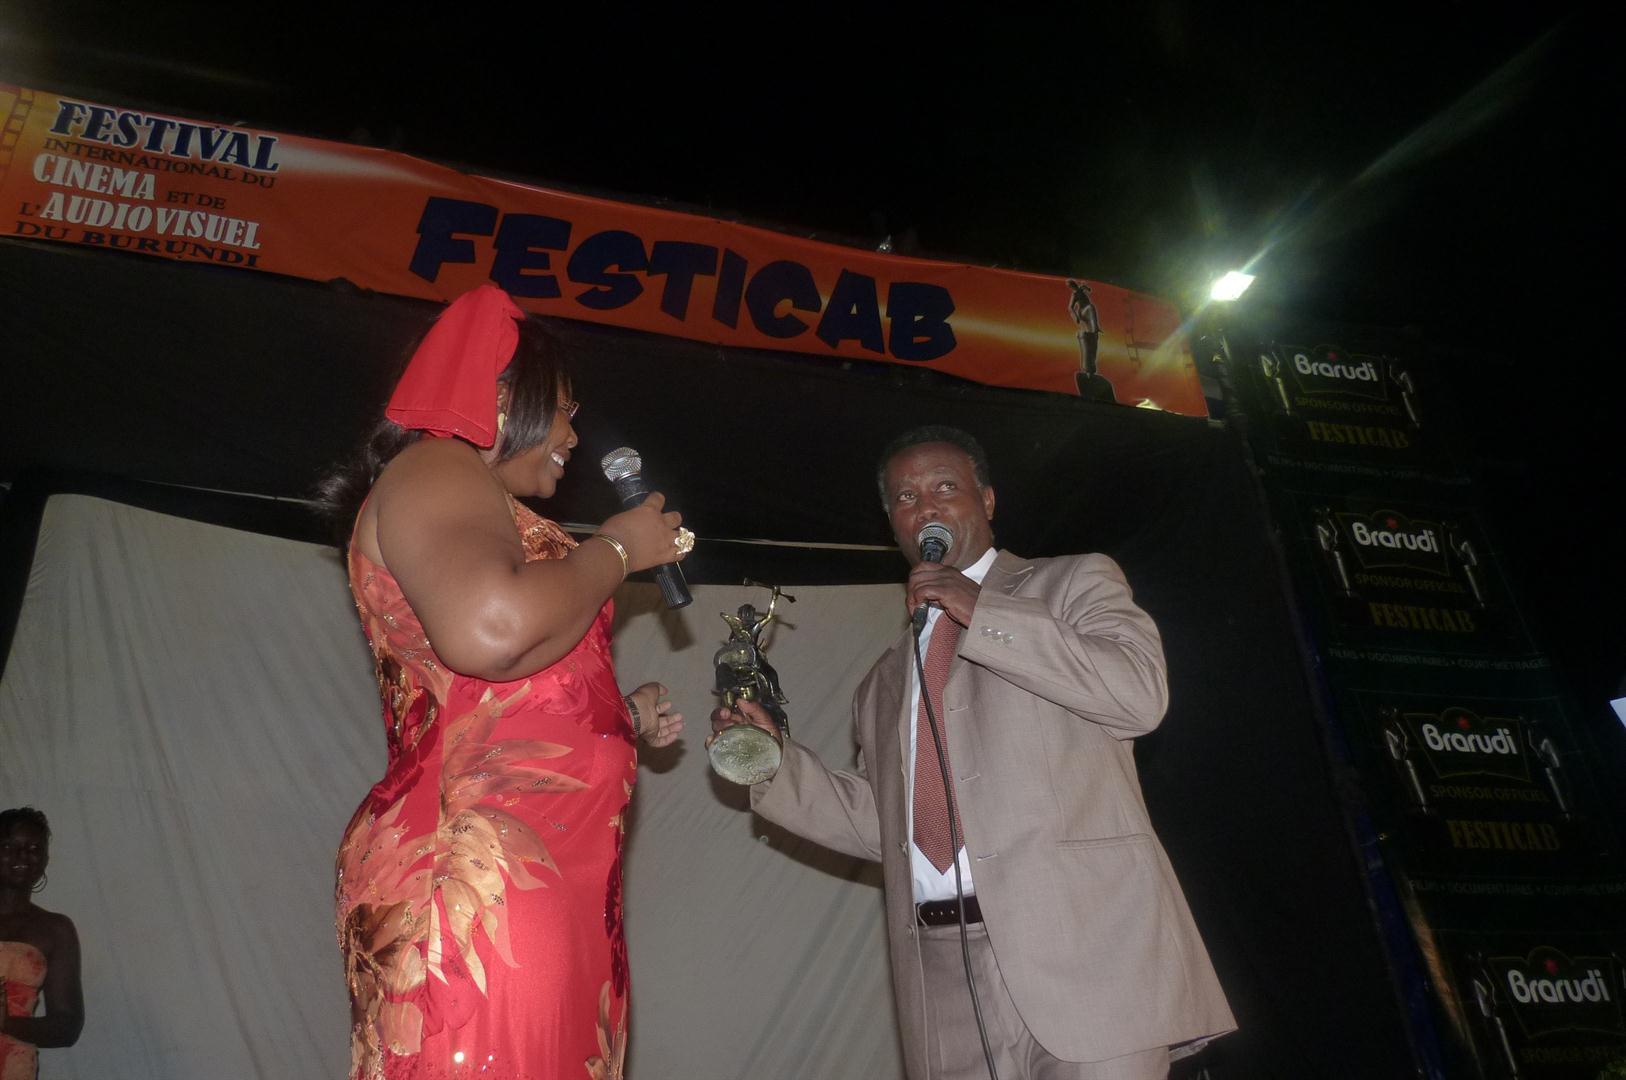 Burundi : La grande fête du cinéma prend fin au Burundi